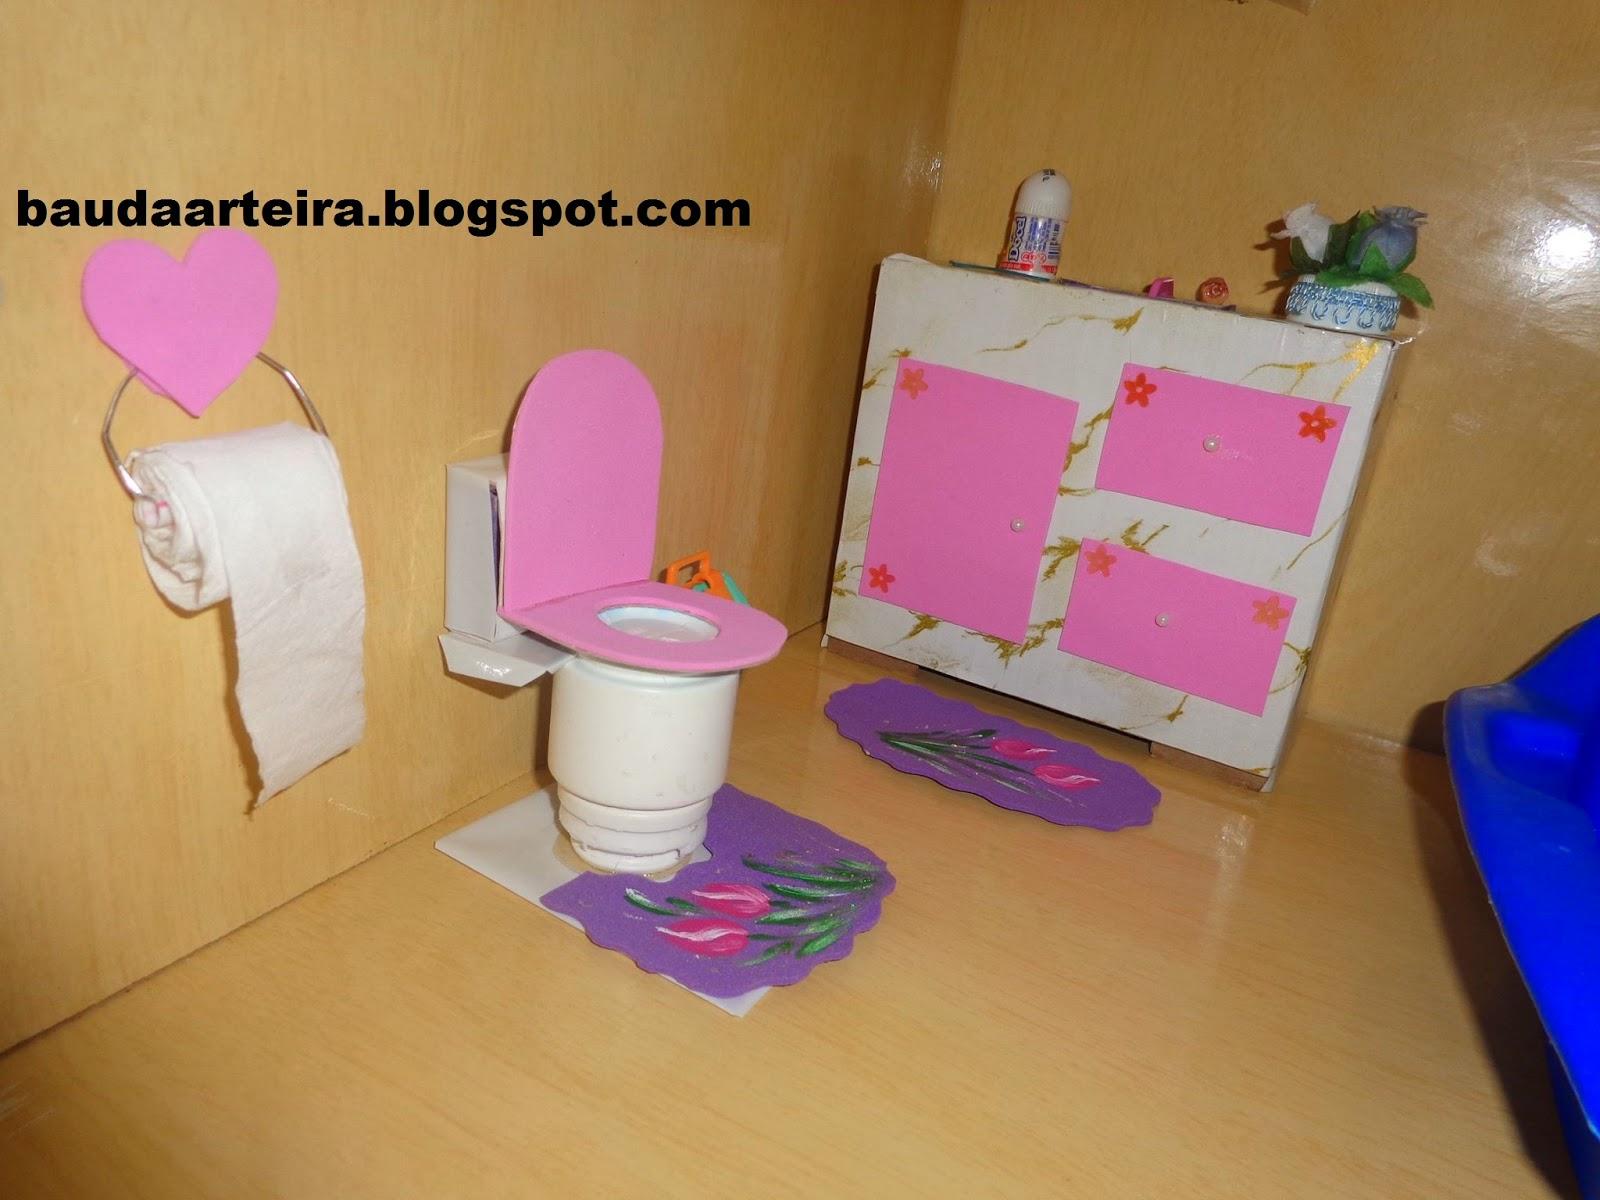 Baú da Arteira: ARTEIRICES PARA UMA CASA DE BONECAS (PARTE 3) #9F2C6F 1600x1200 Banheiro Da Barbie De Papelão